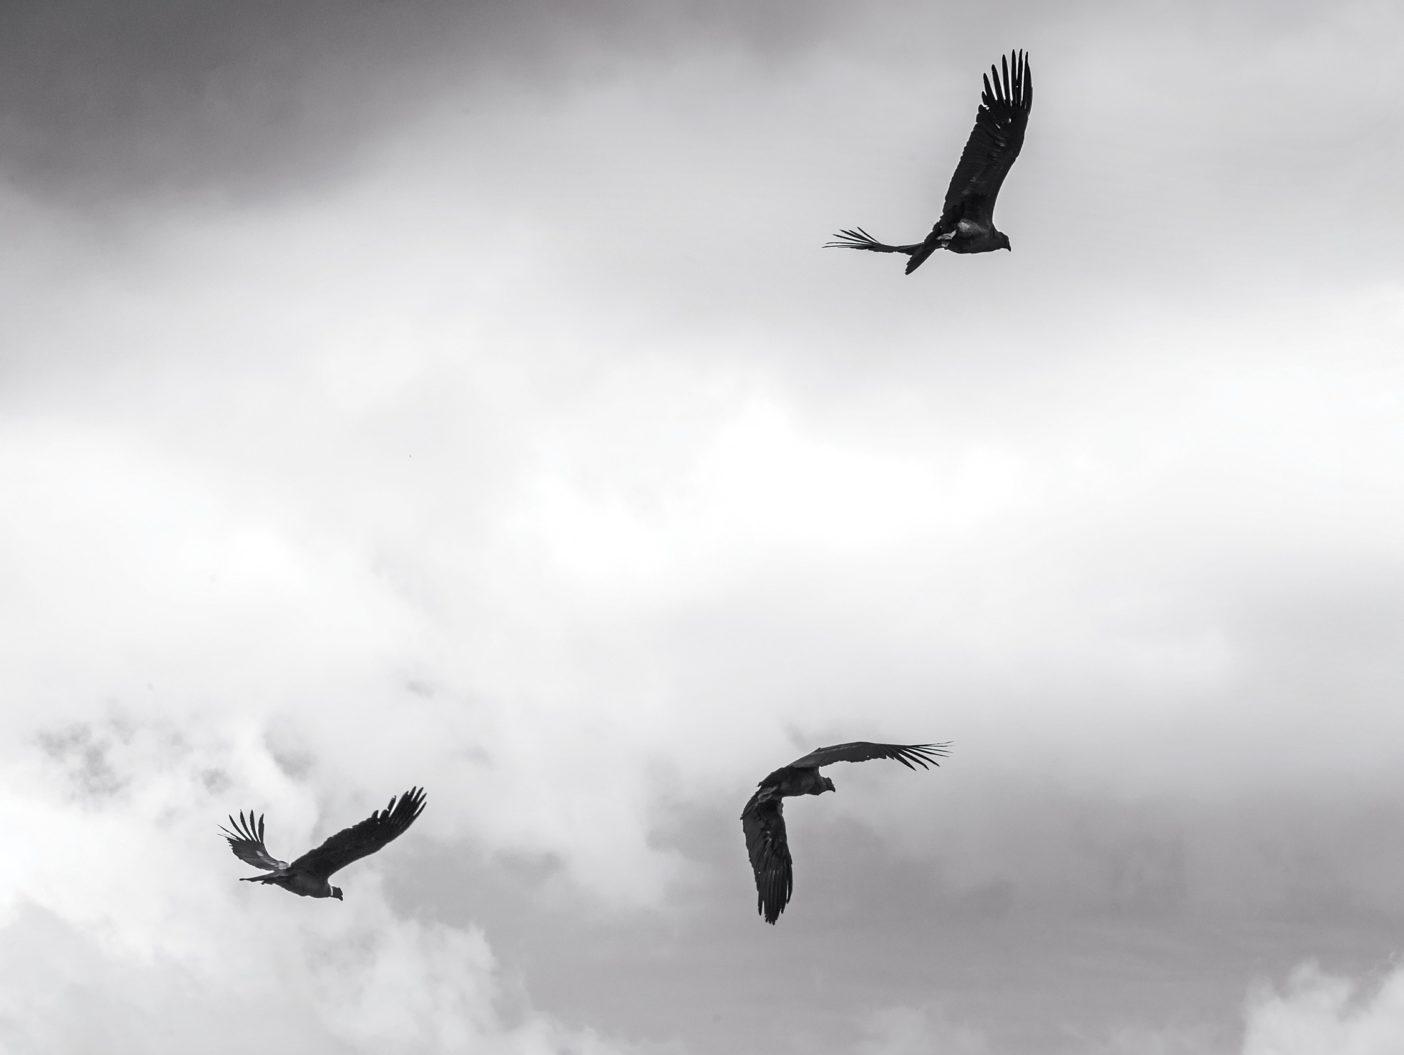 説明は不要だろう。若い鳥たちはリリース後まもなく宙に舞い、仲間たちが何百年もそうしてきたようにチャカブコ・バレーを自由に飛ぶ。LINDE WAIDHOFER